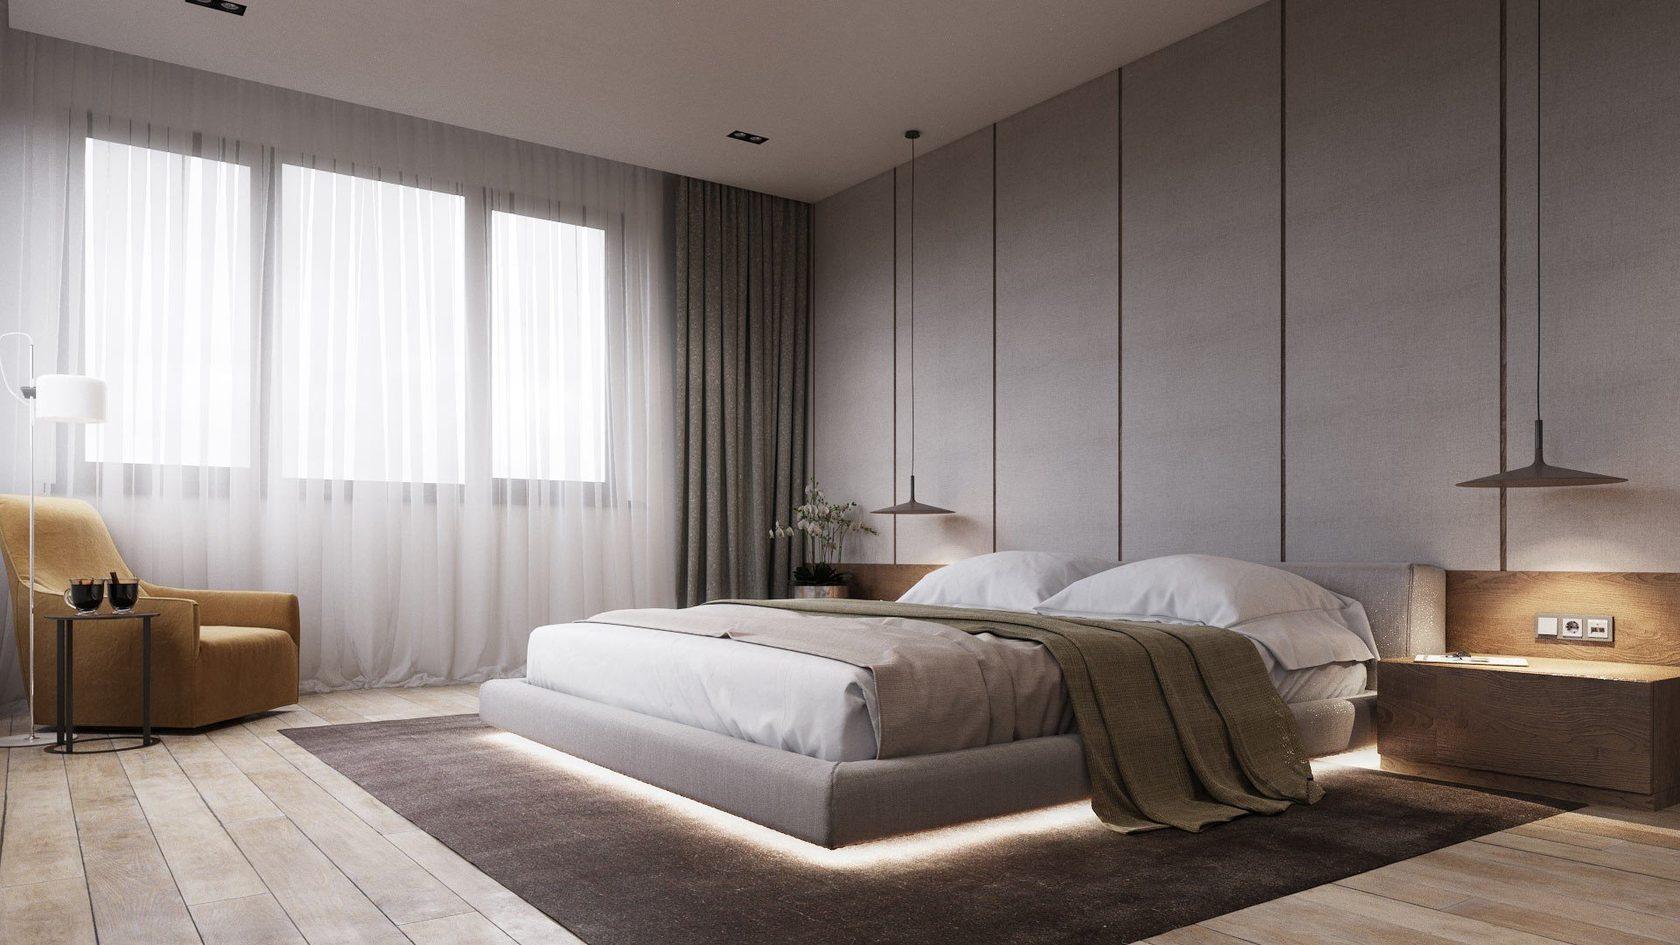 Chambre 2020 Tendances De Design Et Decoration 50 Photos